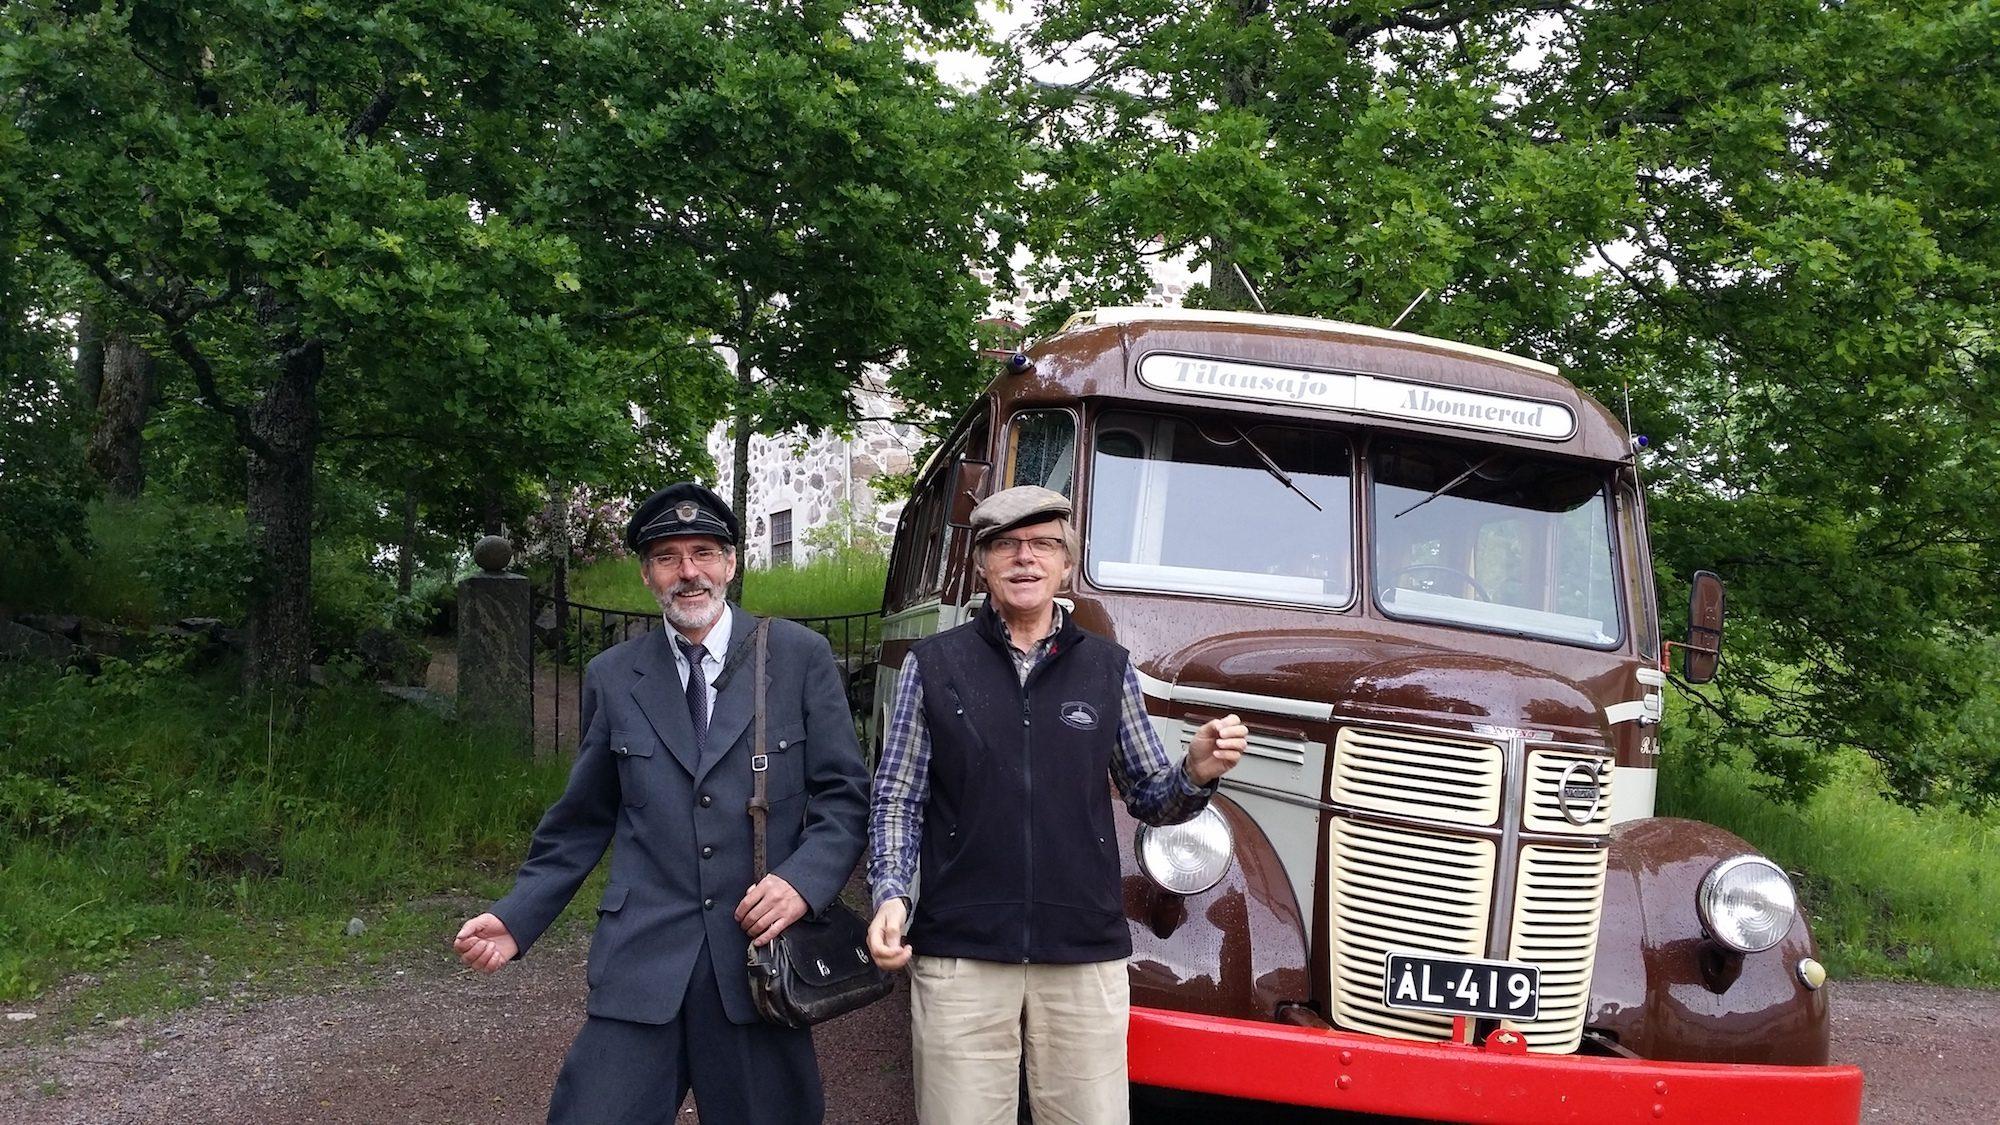 Porkala Parentesen Lundströms buss Sjundby Porkkala Siuntio